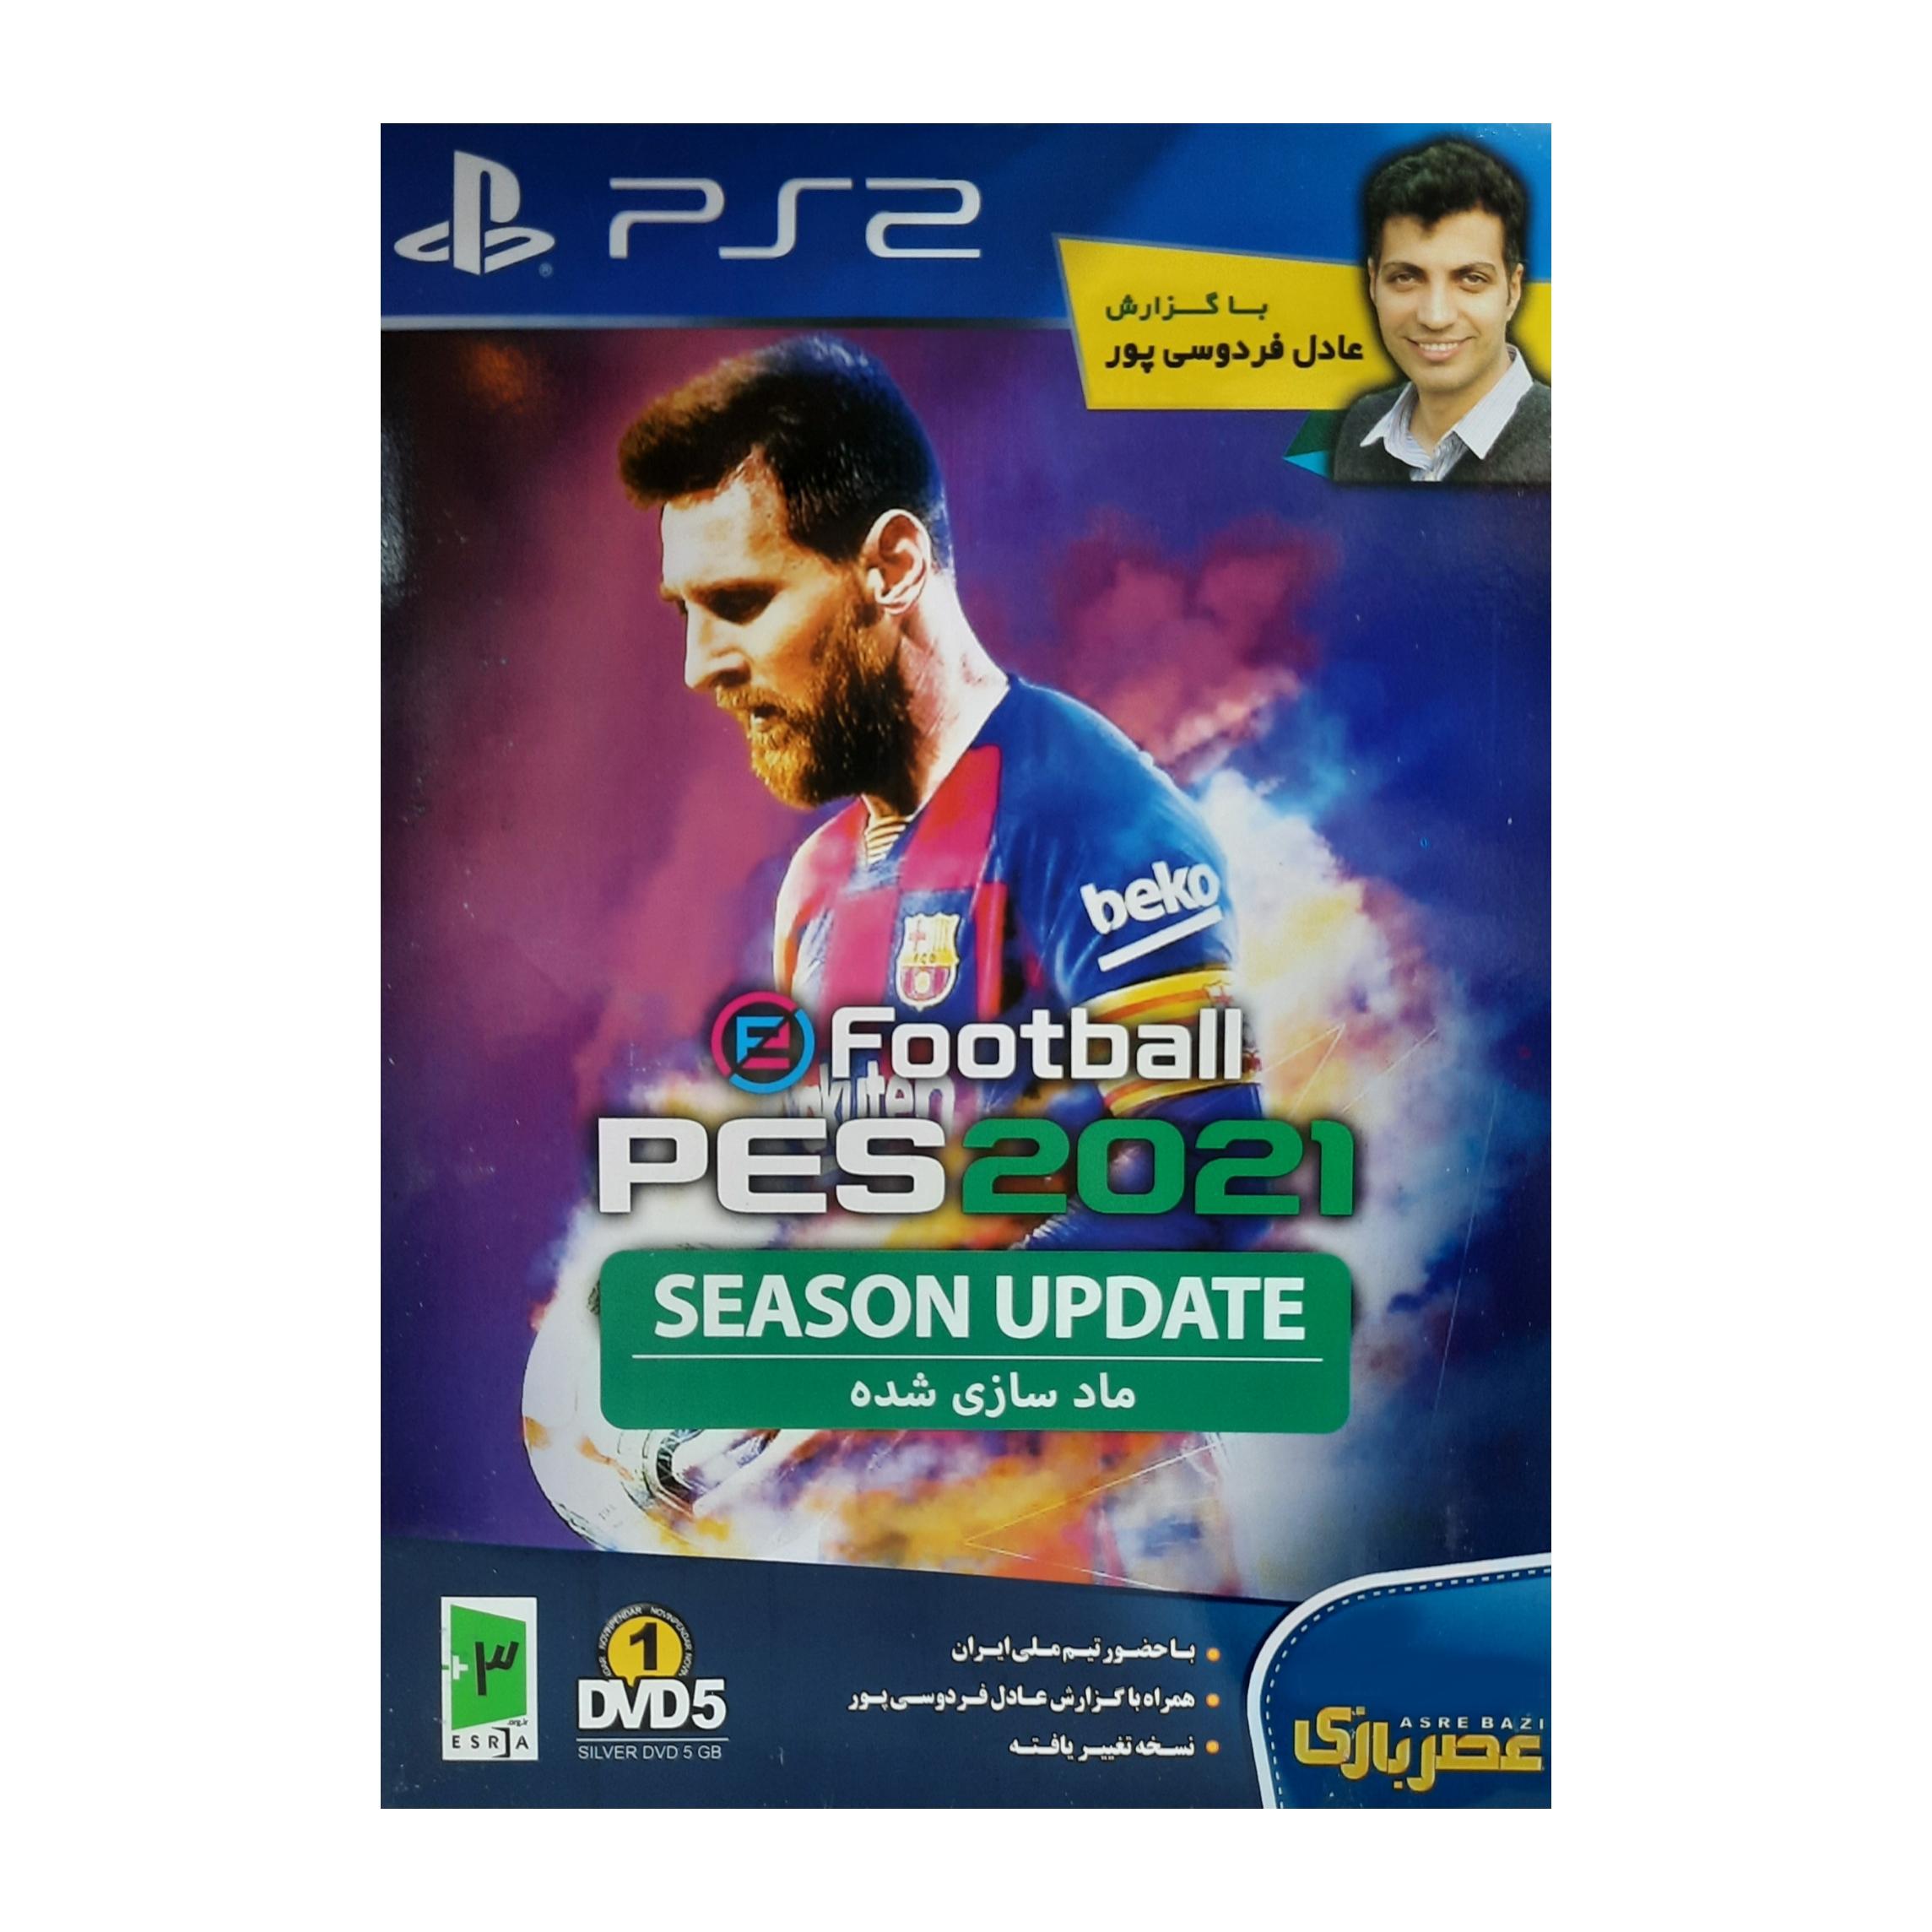 بازی Pes 2021 با گزارش فارسی عادل فردوسی پور مخصوص ps2 نشر عصر بازی main 1 1